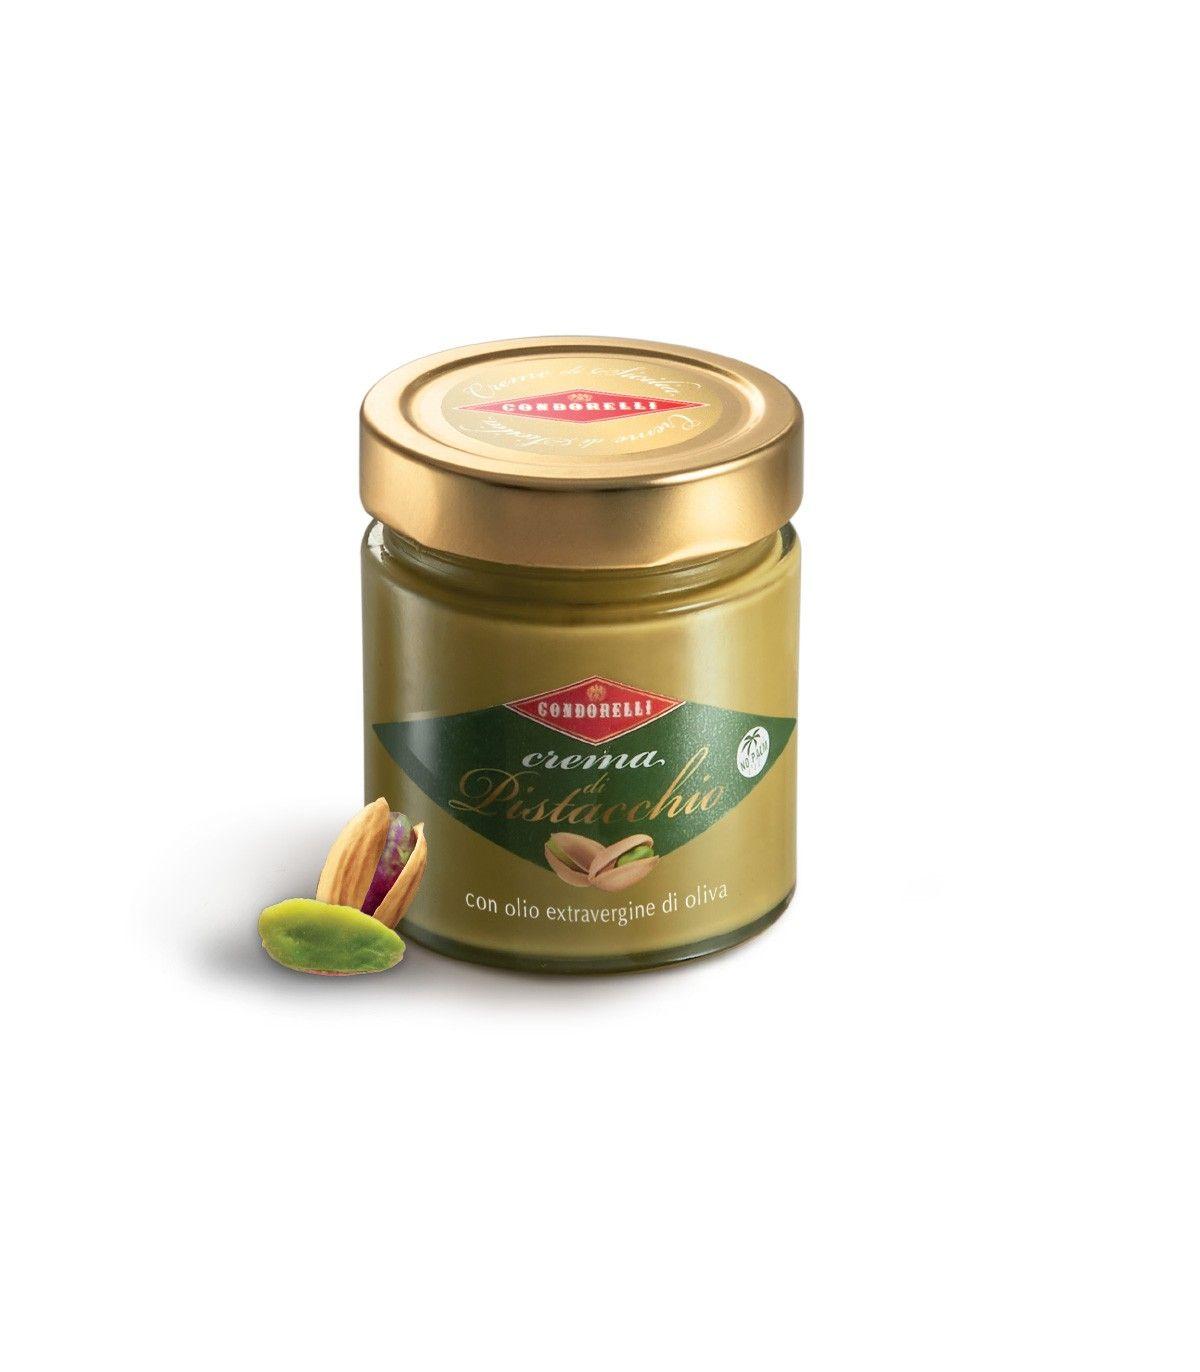 Condorelli Pistachio Cream